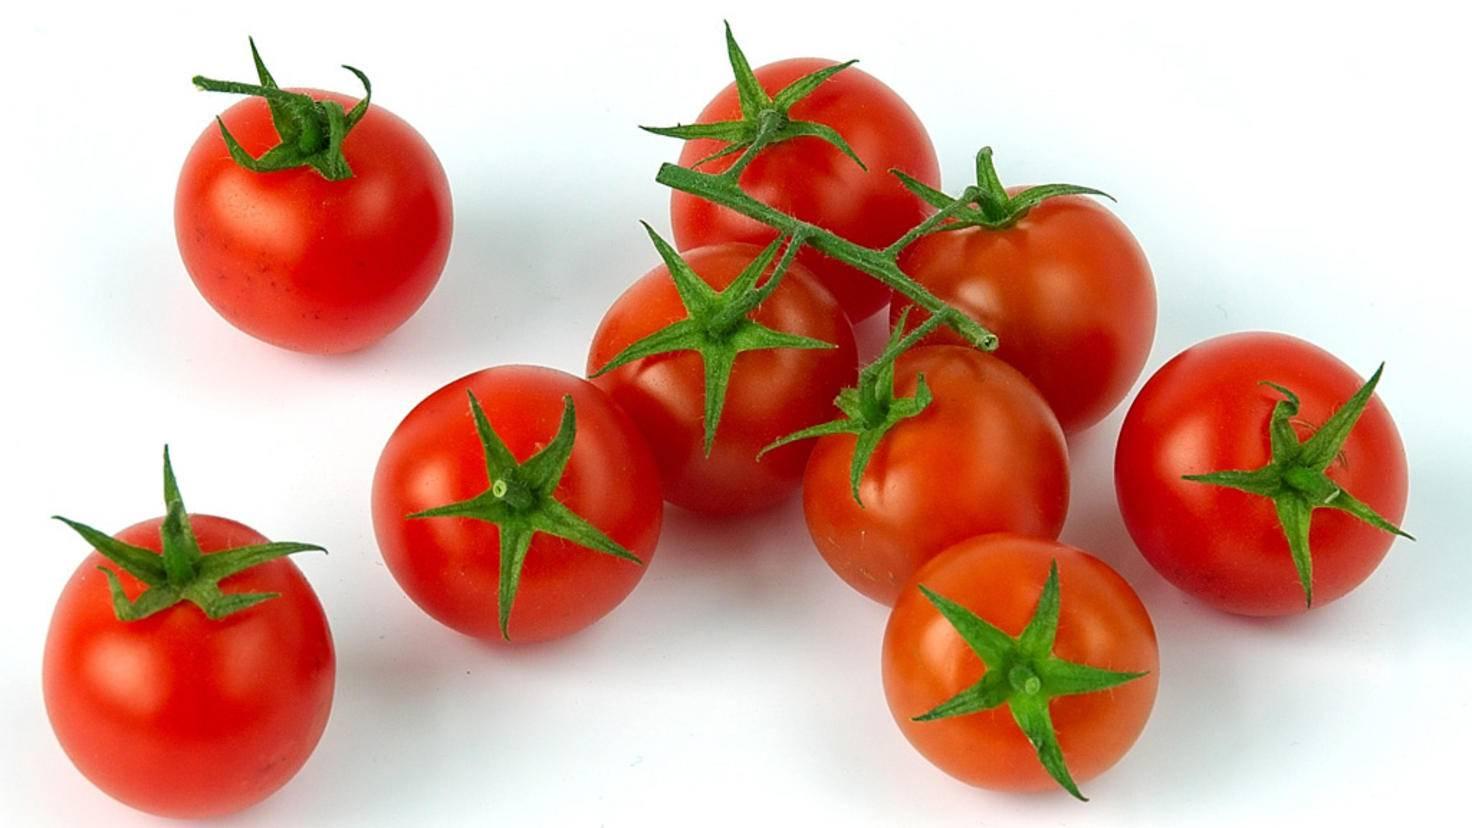 Tomaten vertragen die Kühlschrankkälte schlecht und schaden anderem Gemüse.